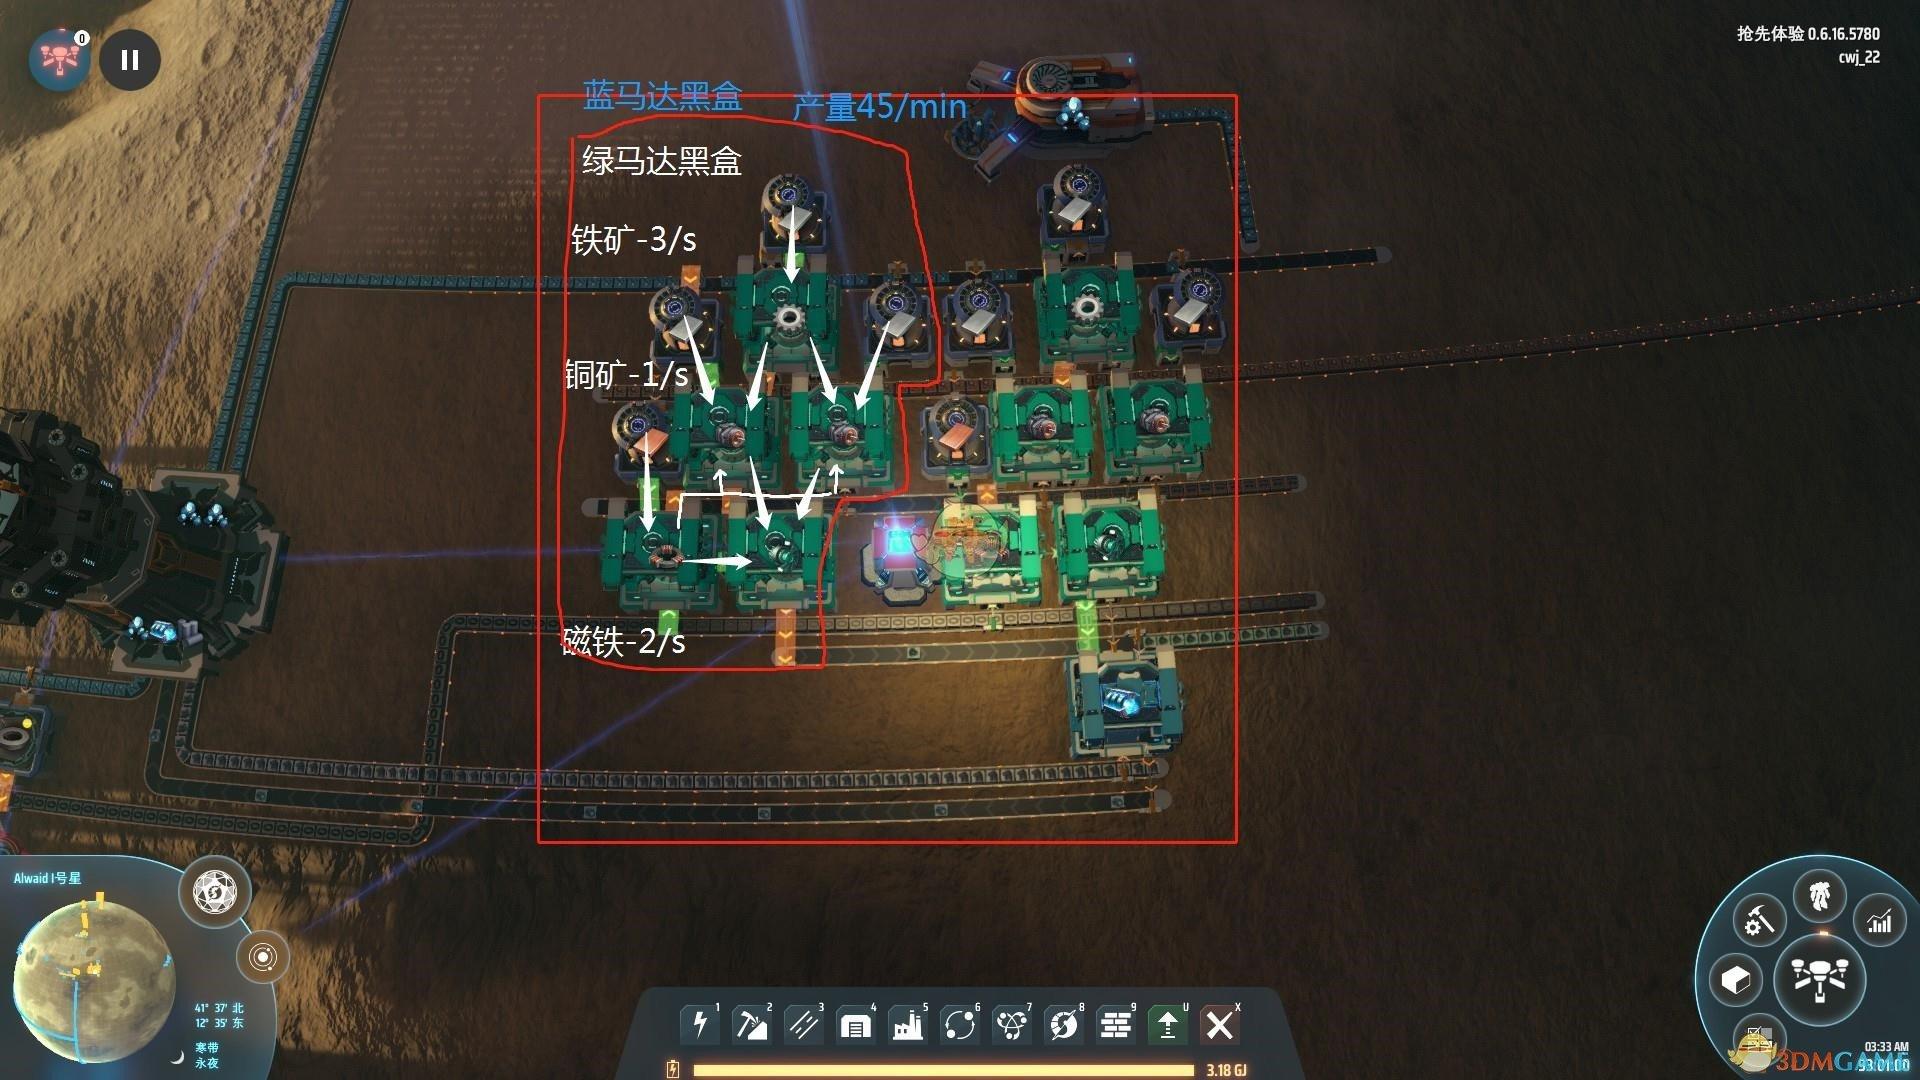 《戴森球计划》45/min蓝马达黑盒布局思路